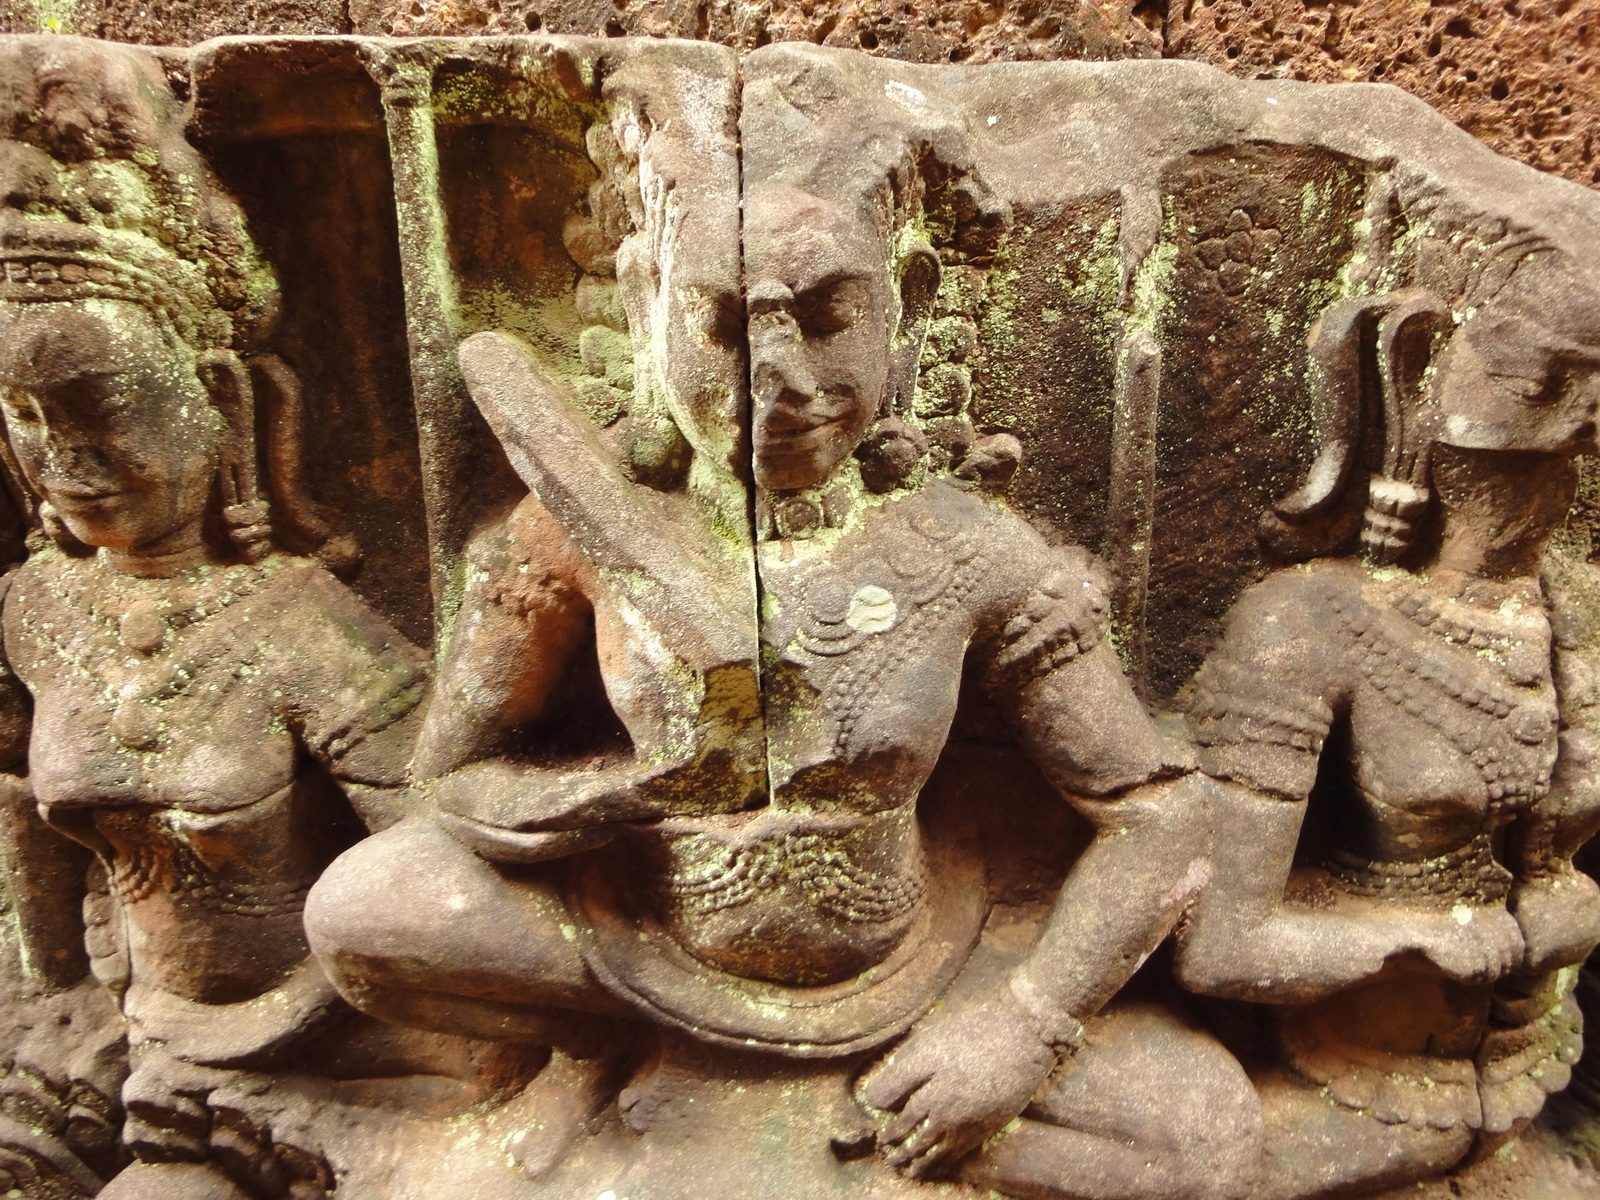 Leper King Terrace hidden wall underworld Nagas and deities 013